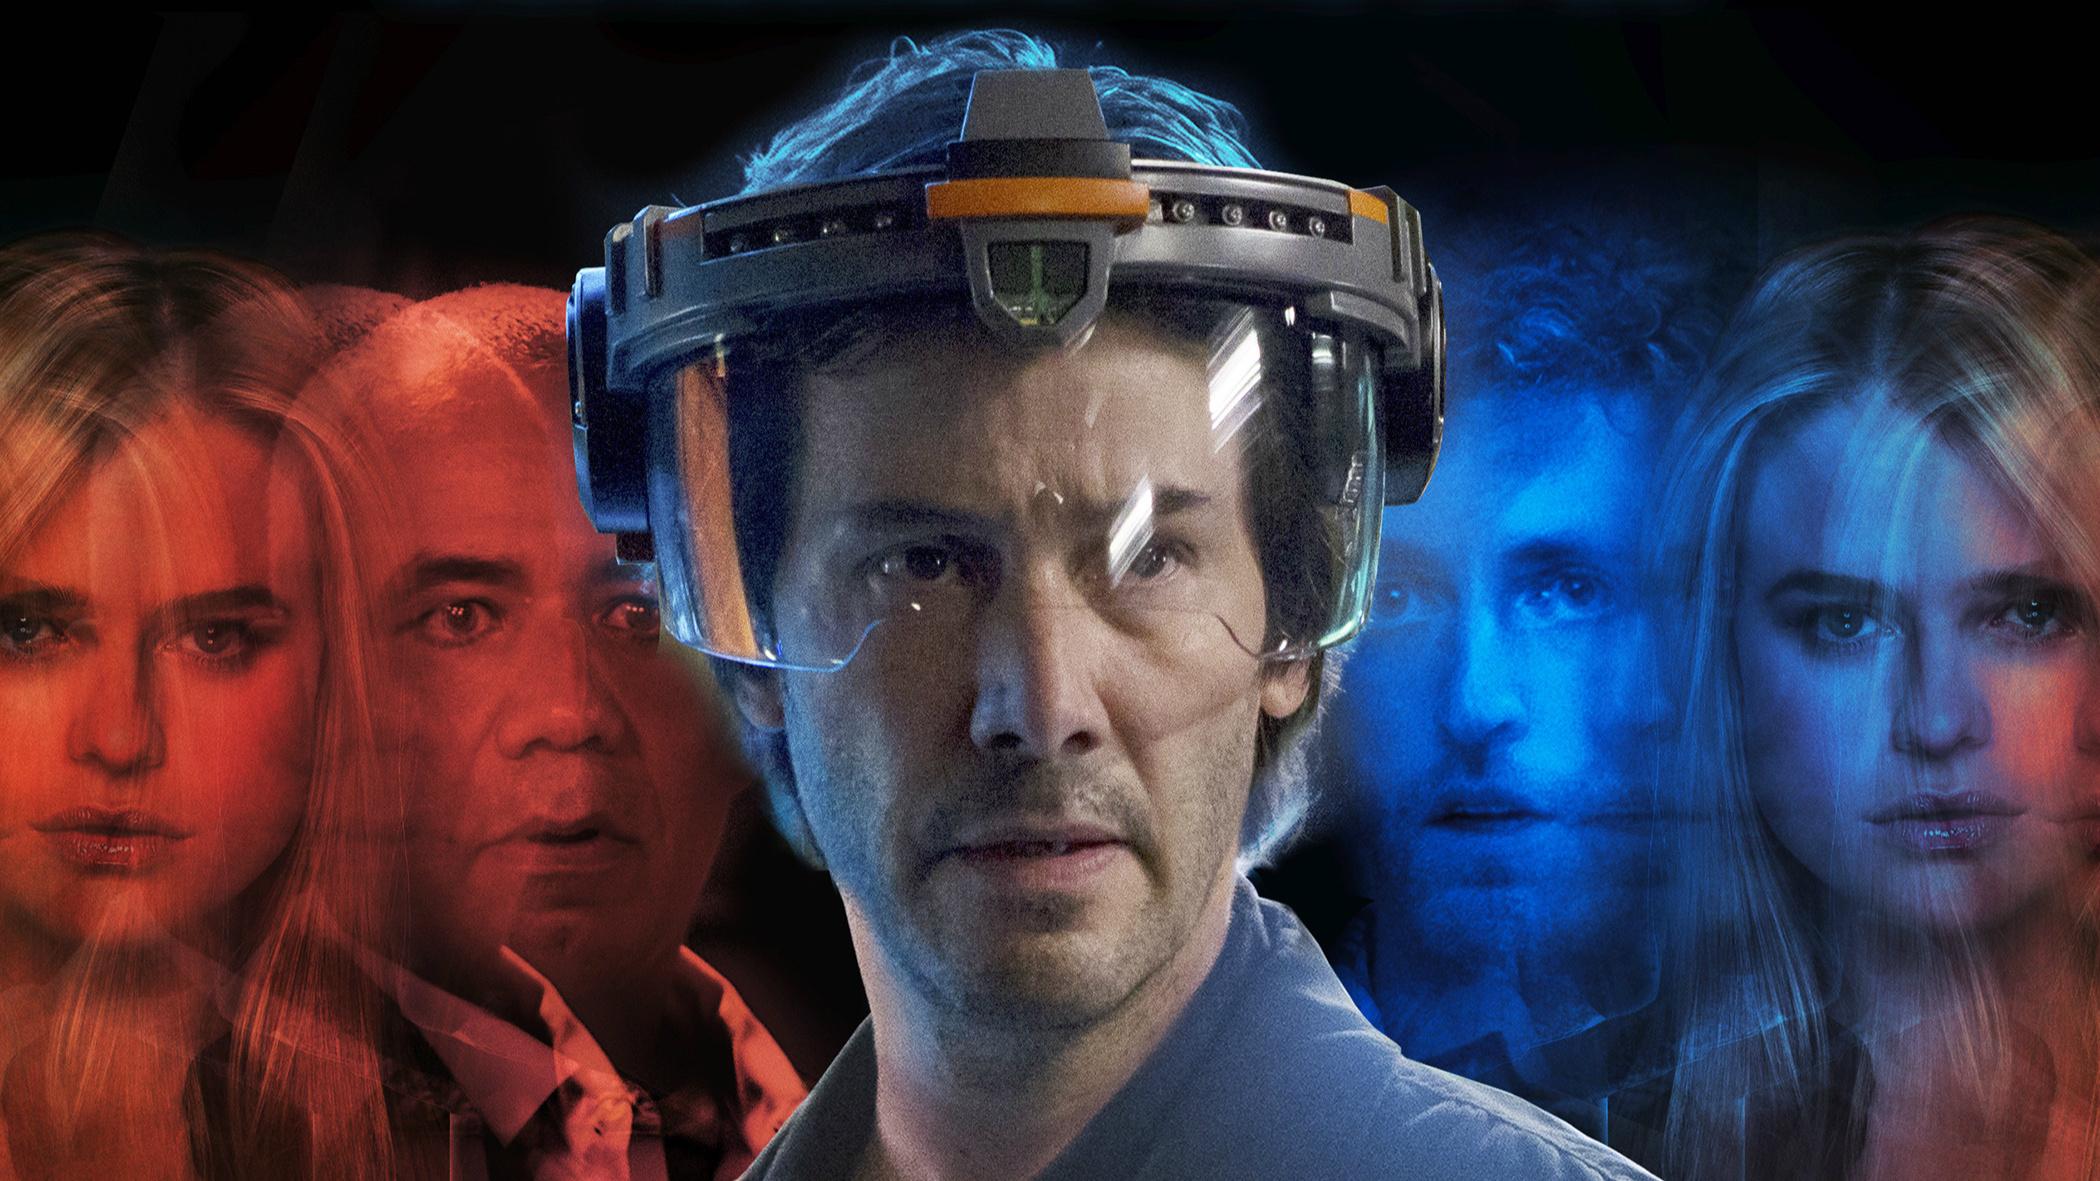 基努·裡維斯主演!科幻電影《克隆人》將於11月23日登陸國內院線